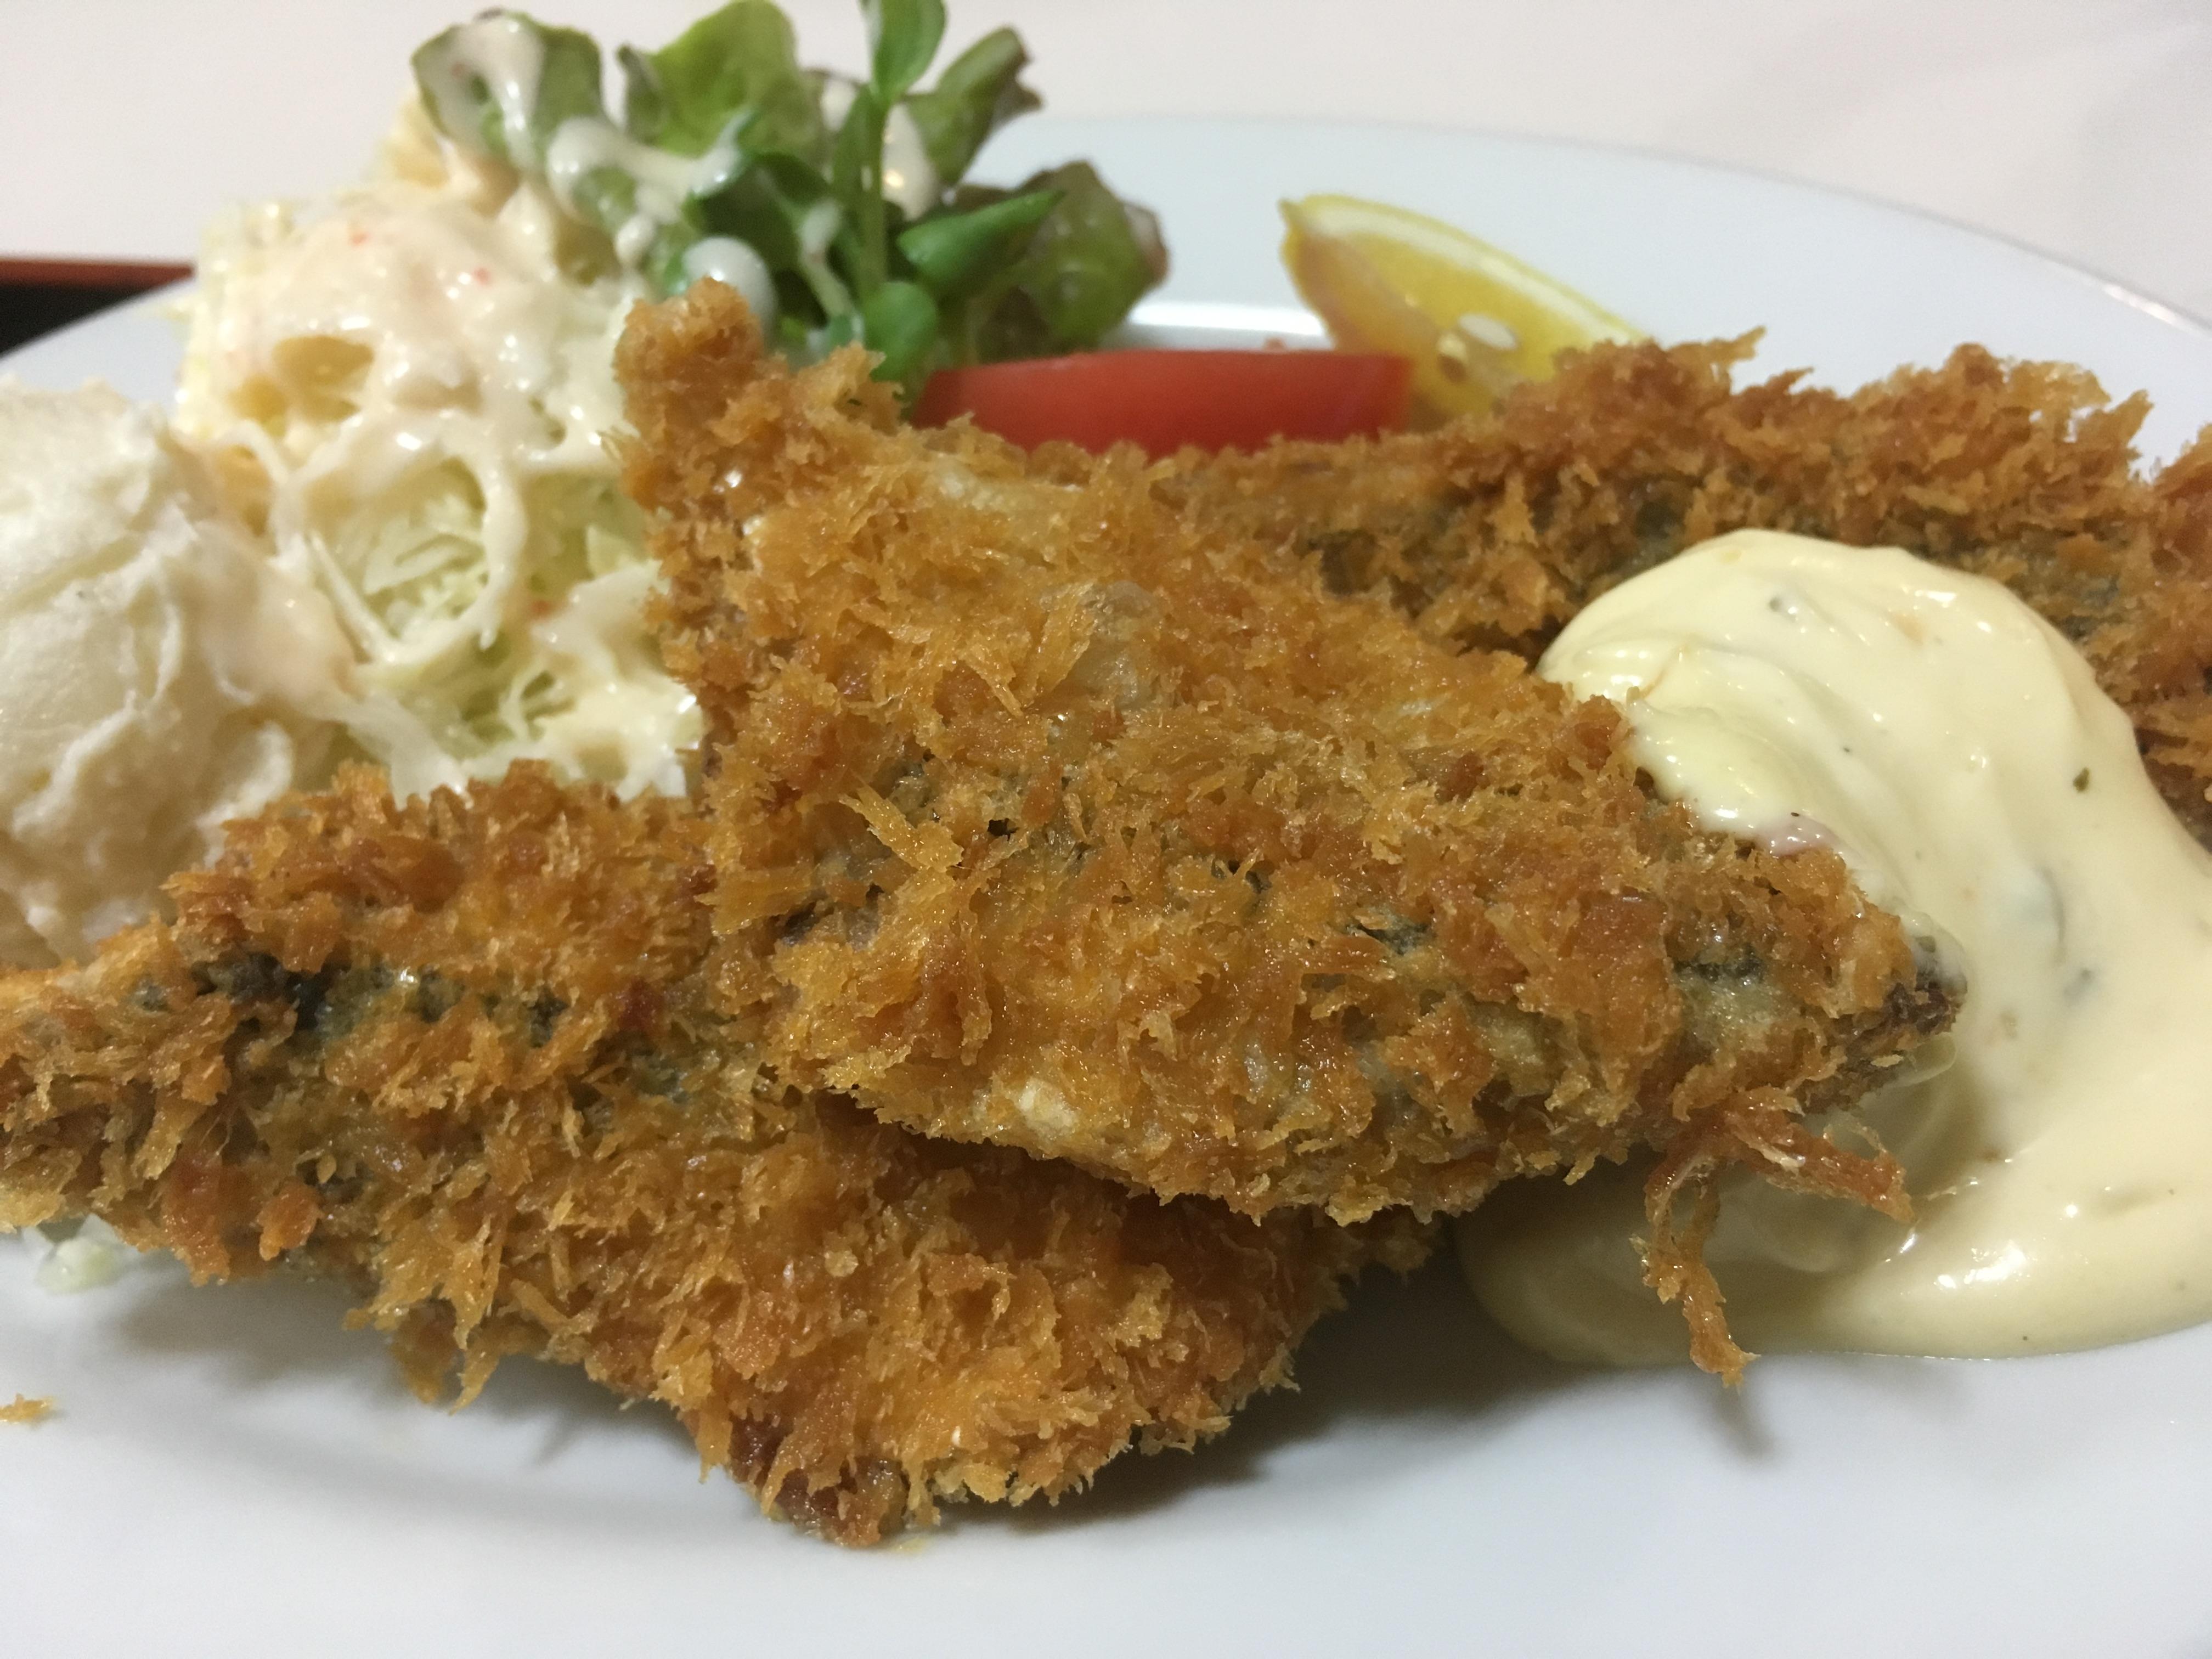 ちゃんぽんだけじゃない!地元のとれたて魚の「魚フライ定食」を「三和食堂」で食べてきました!